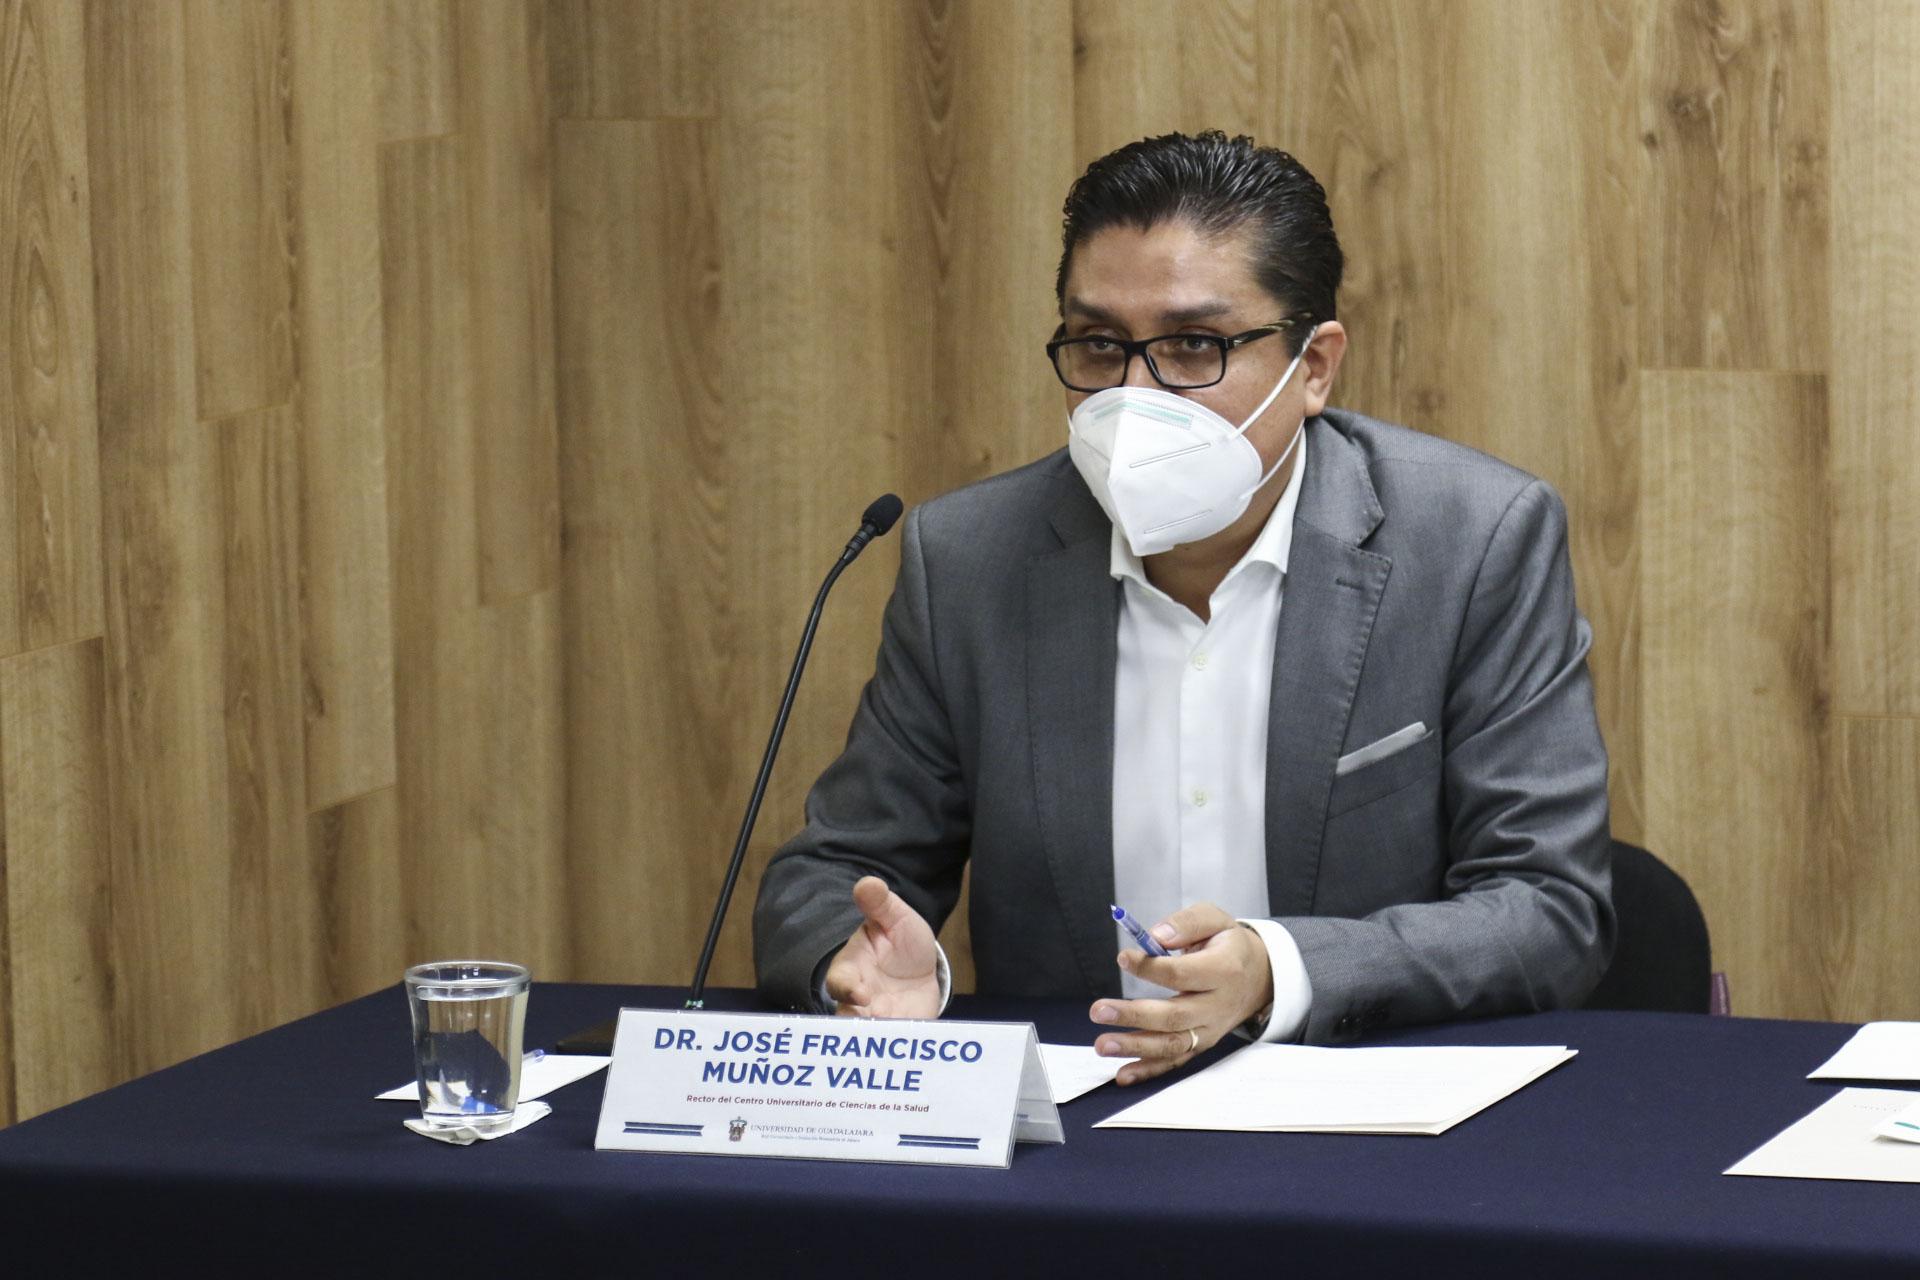 El análisis de los datos por municipio arroja que Lagos de Moreno requiere atención especial, por lo que la Universidad de Guadalajara prevé instalar un laboratorio de diagnóstico en este municipio